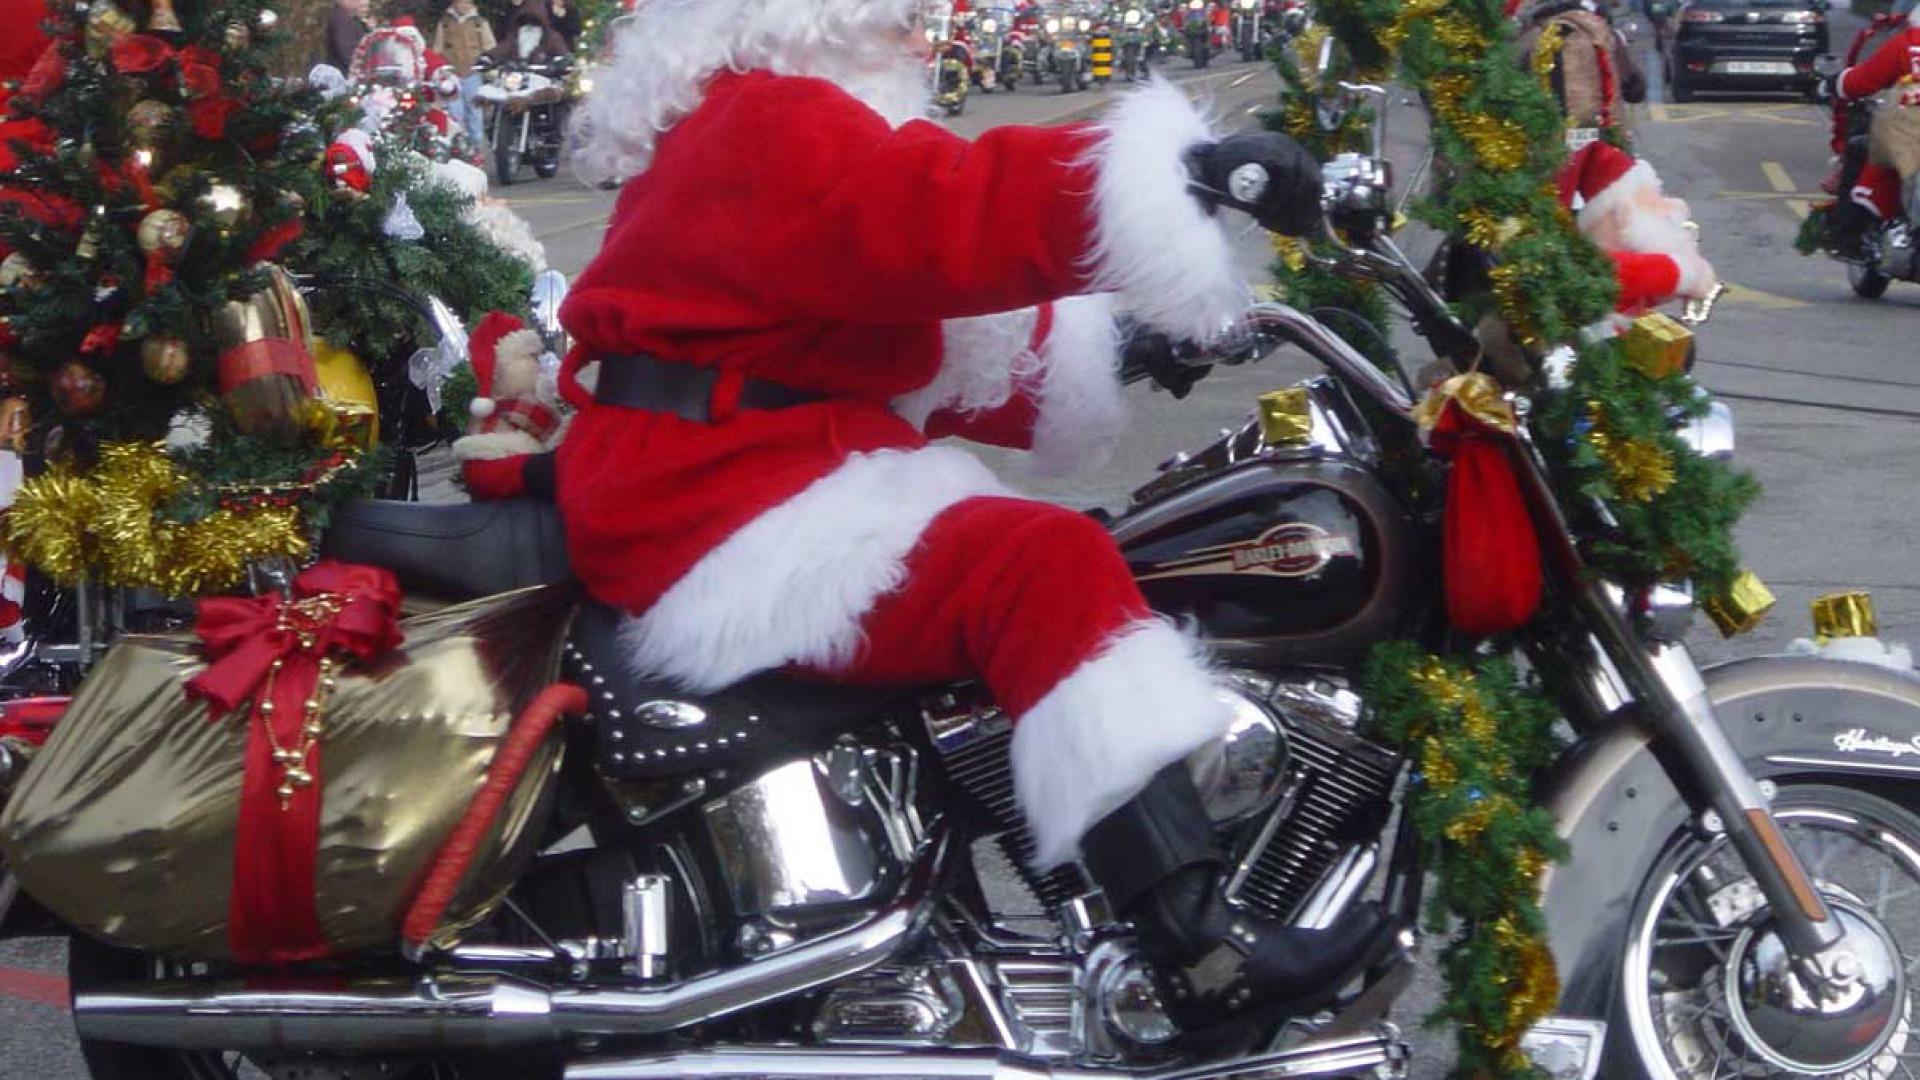 Harley Davidson Christmas Wallpapers